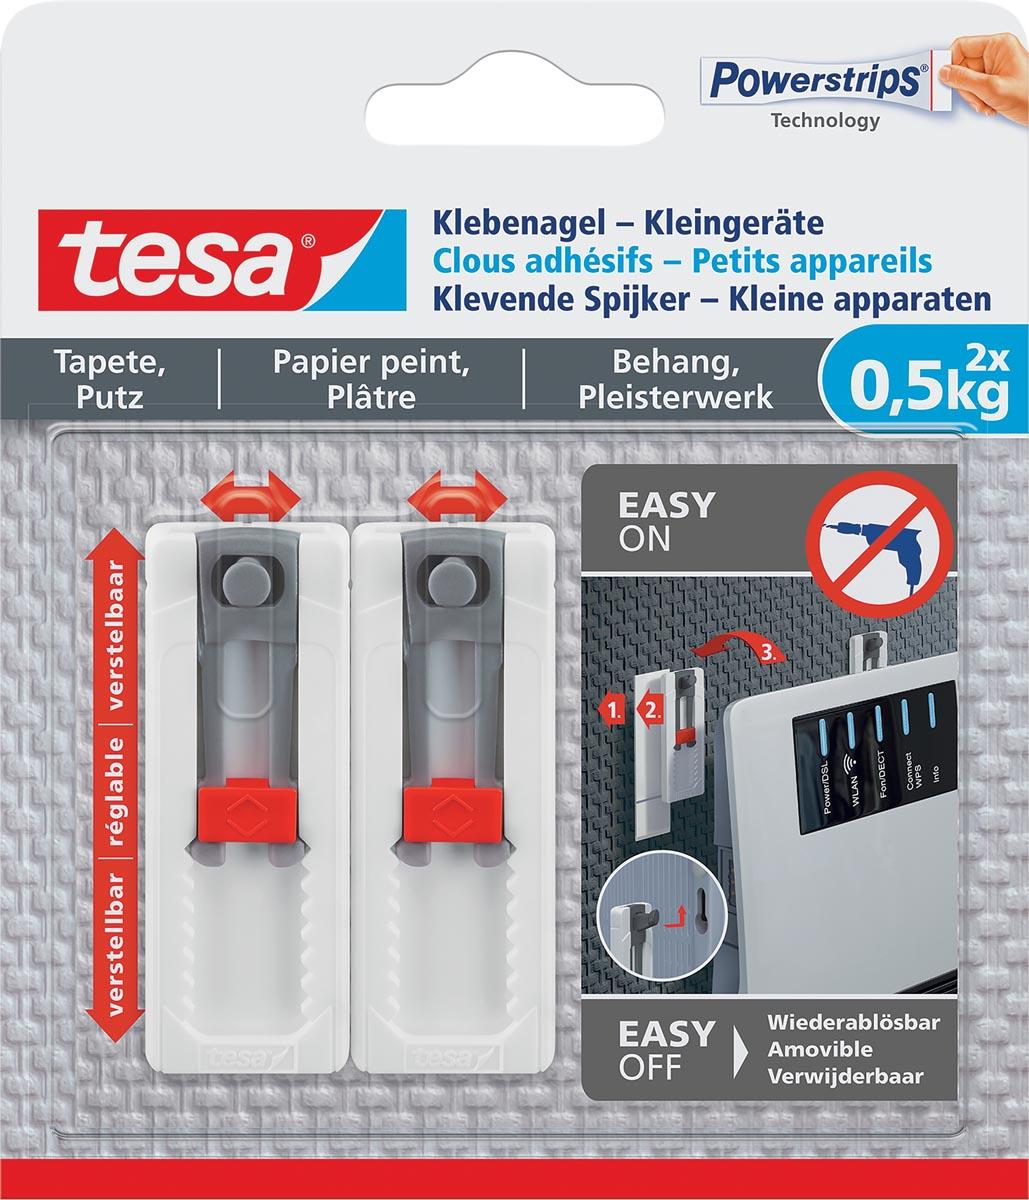 Tesa Klevende Spijker, draagkracht 0,5 kg, kleine apparaten, behang en pleisterwerk, 2 spijkers, 3 s